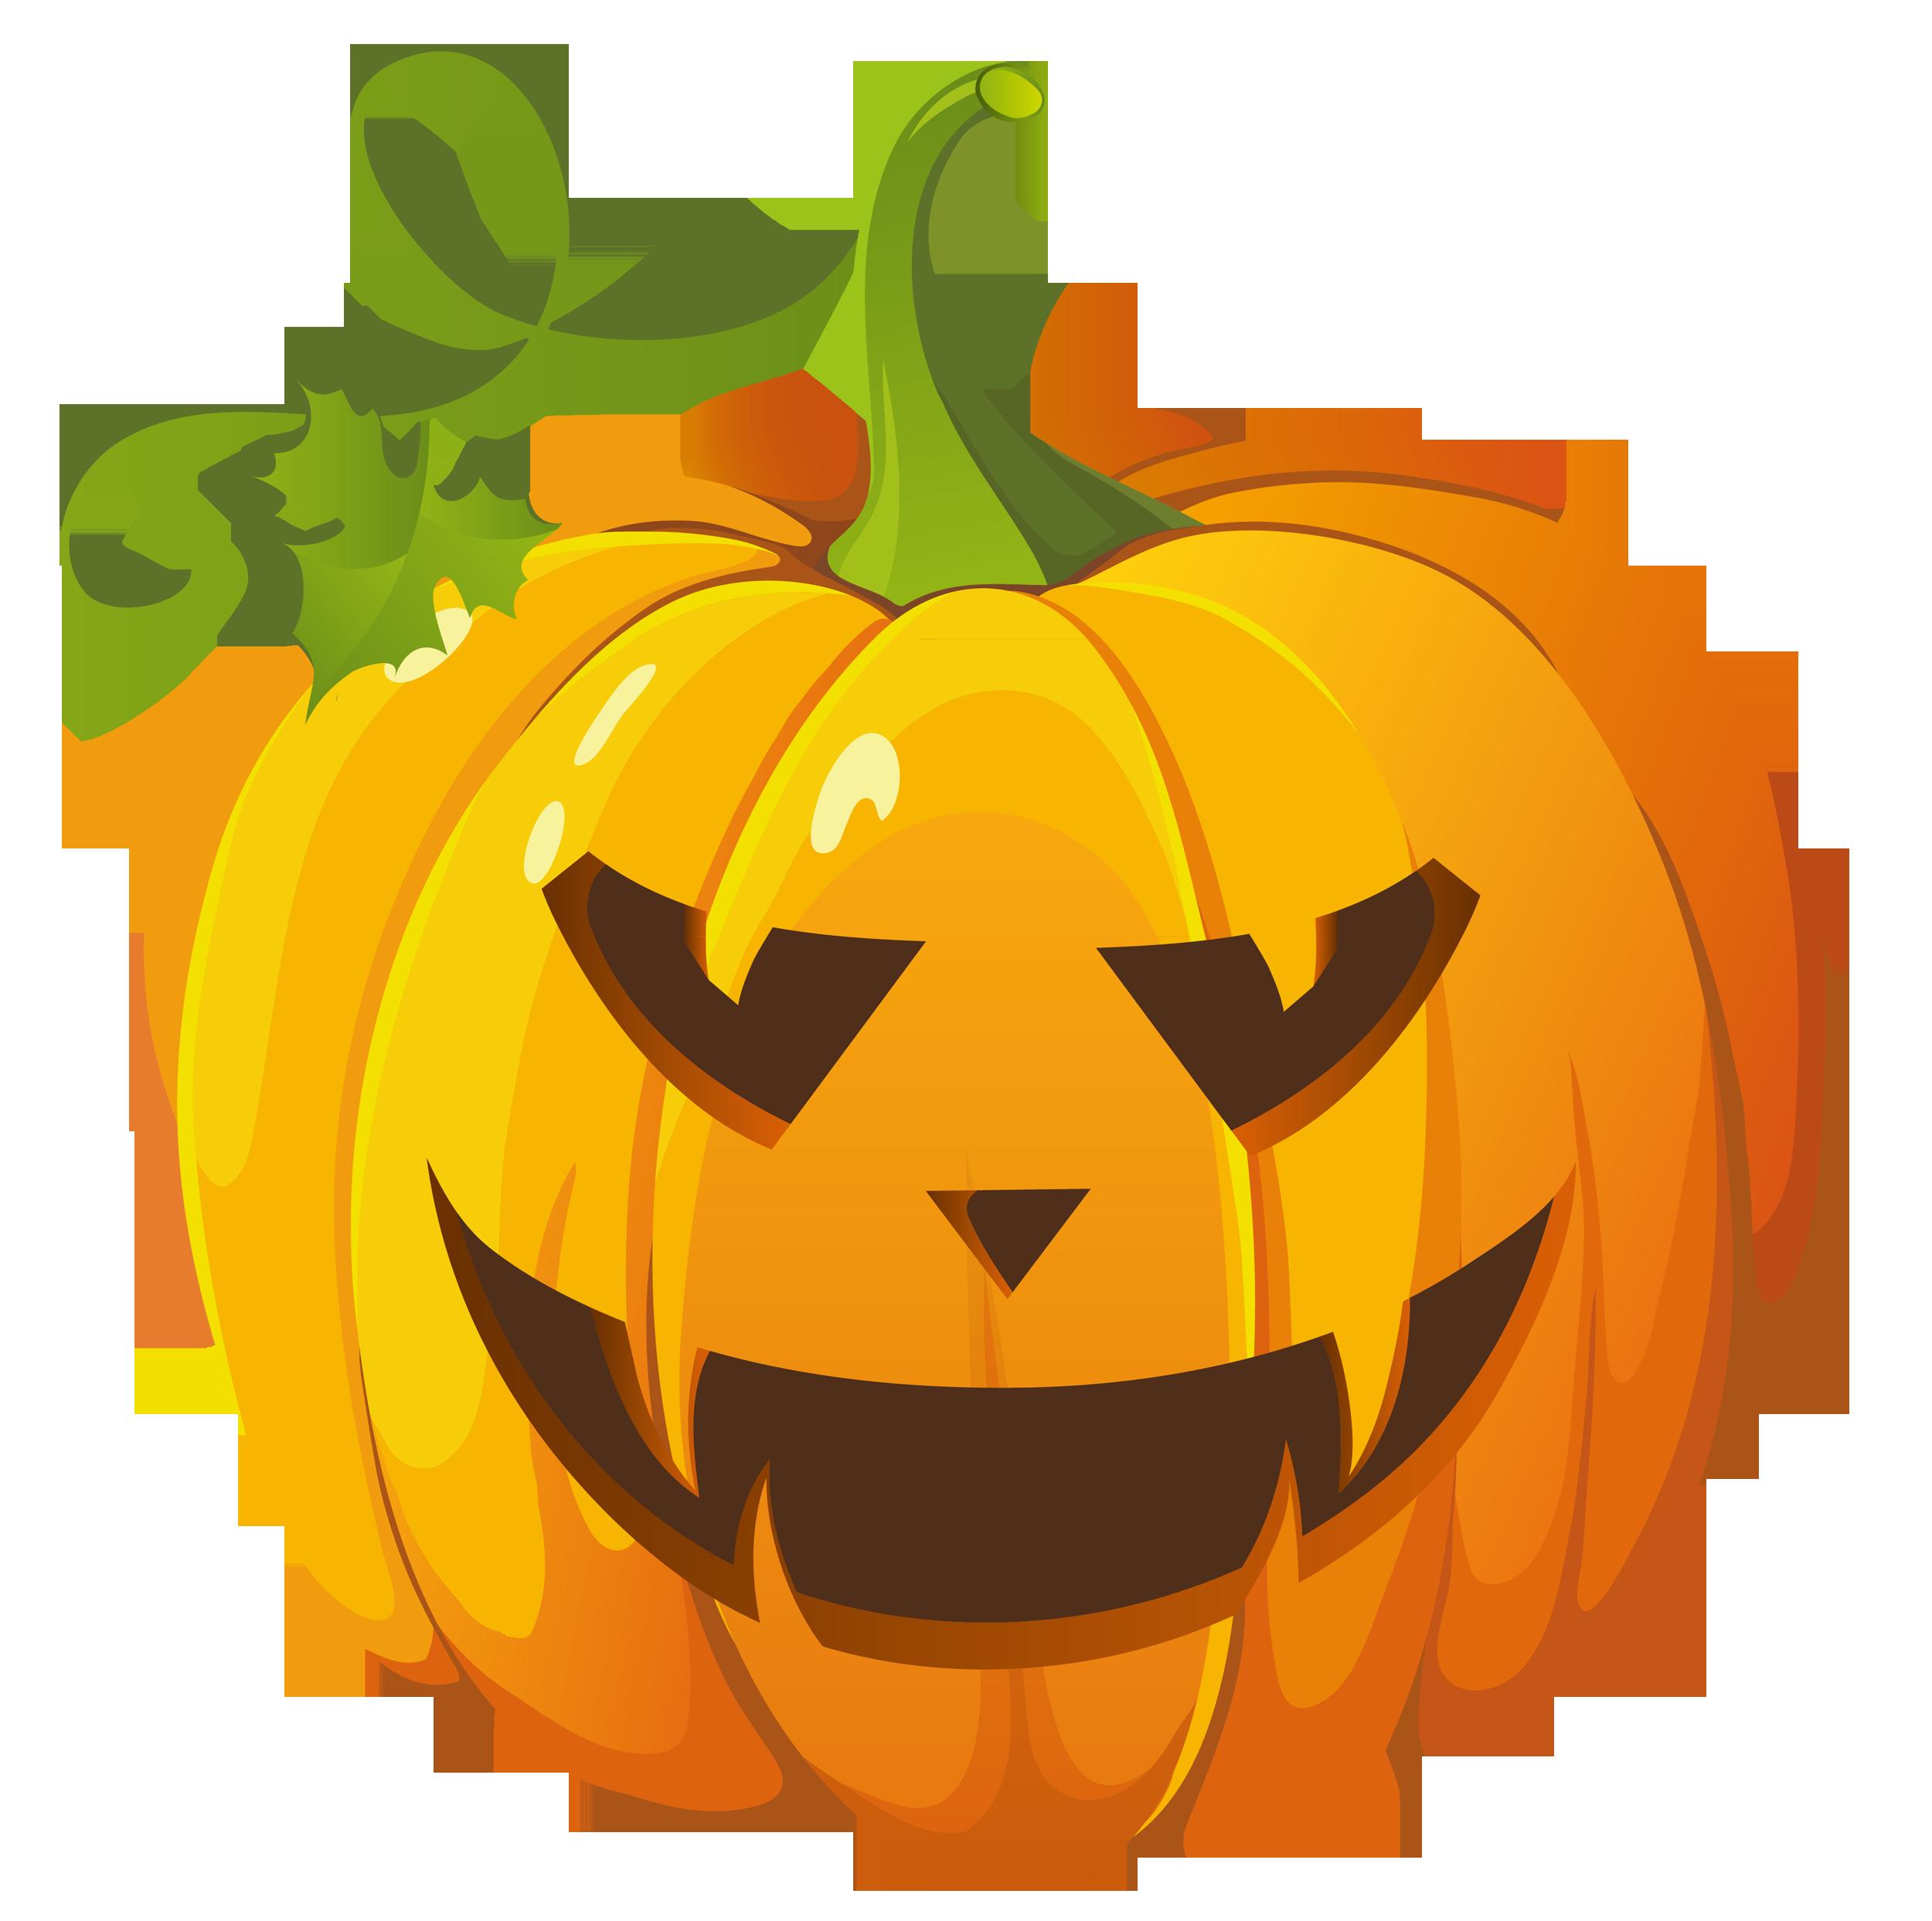 Transparent Halloween Pumpkin Png Clipart.